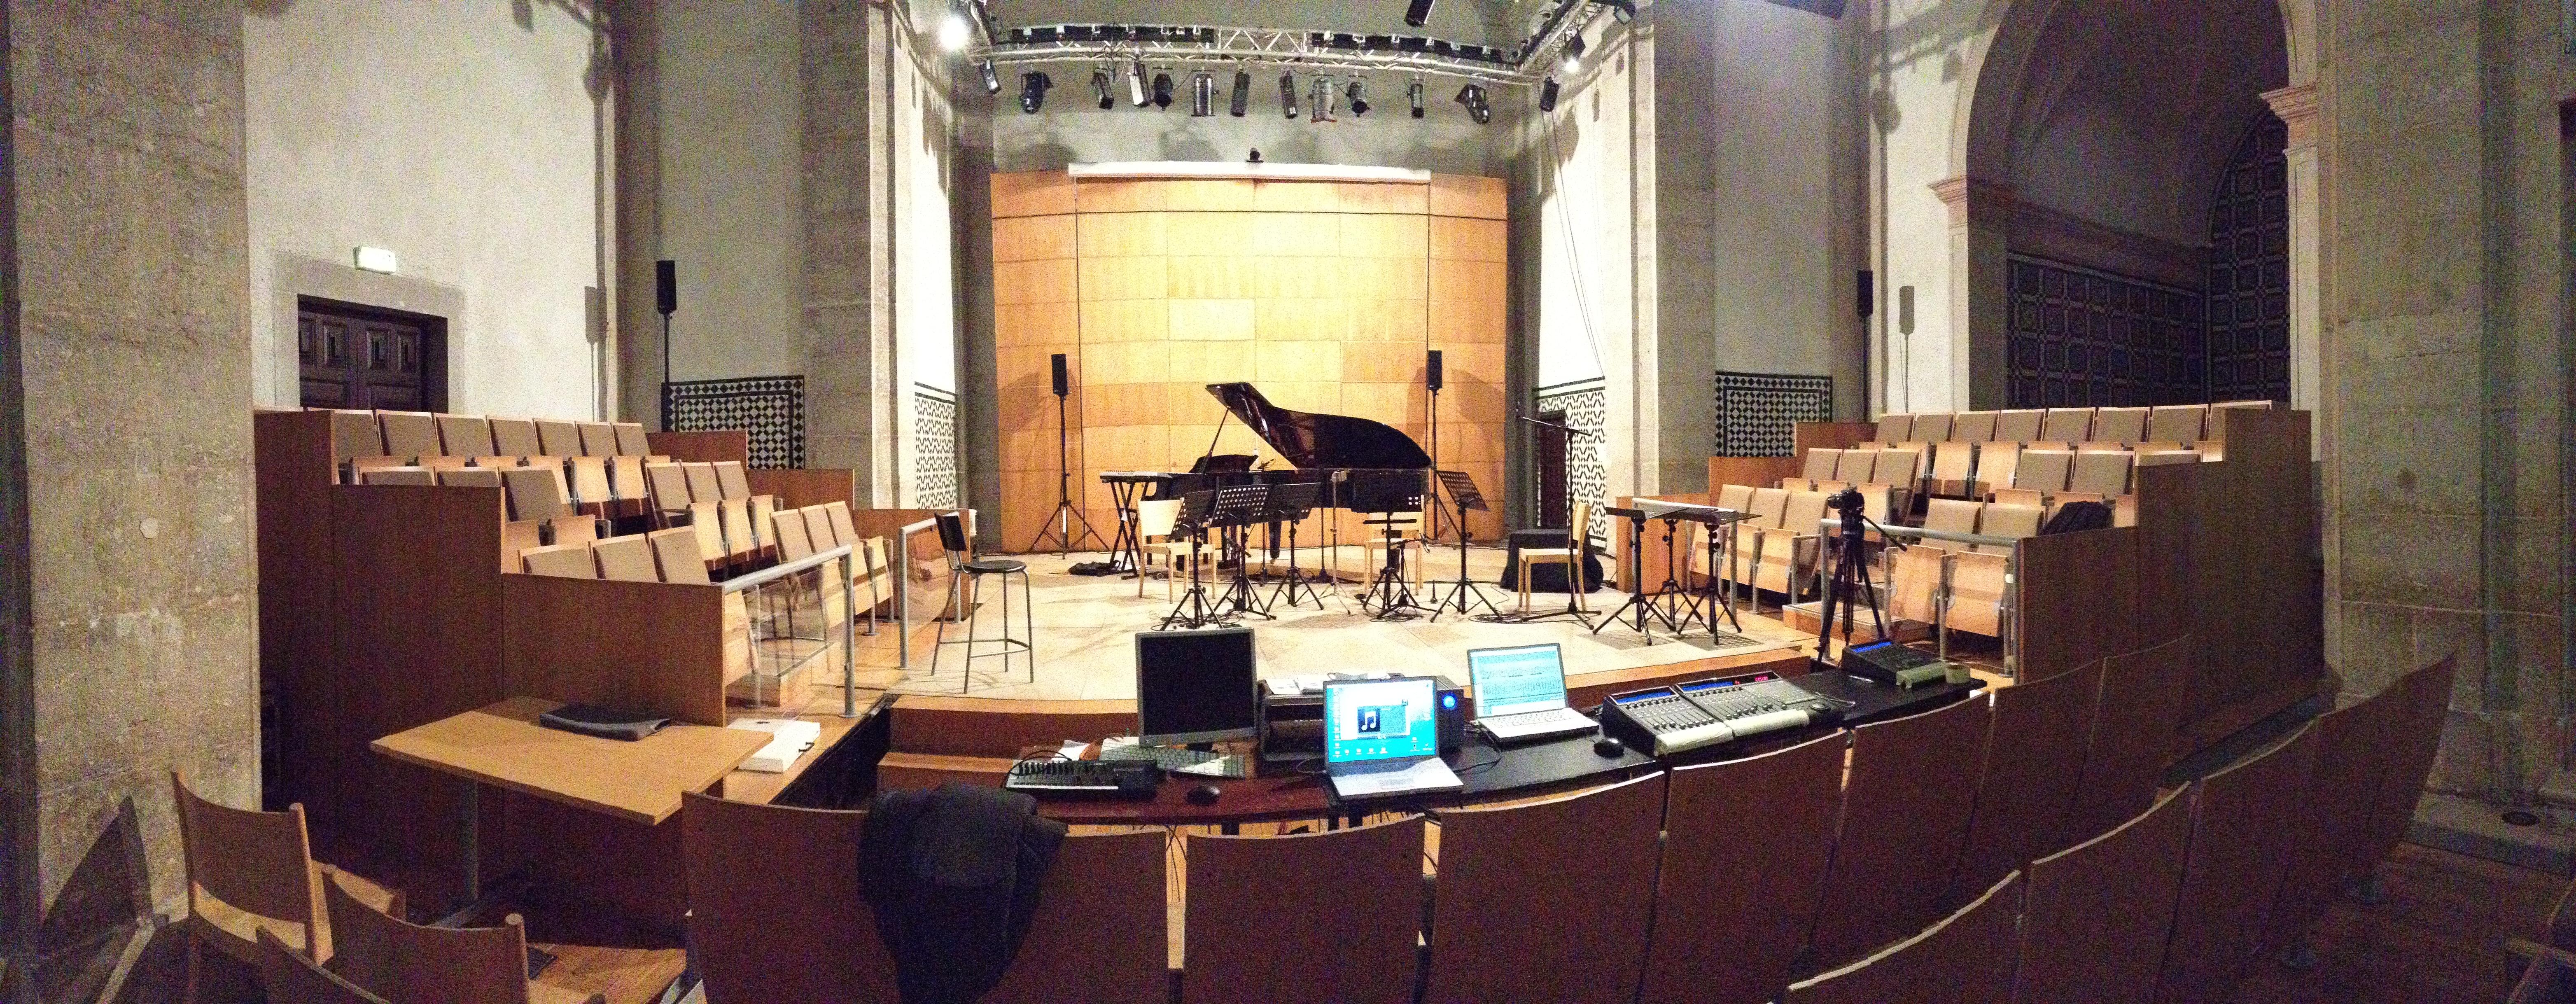 Enrique-Mendoza-Cascais-Concert-Hall